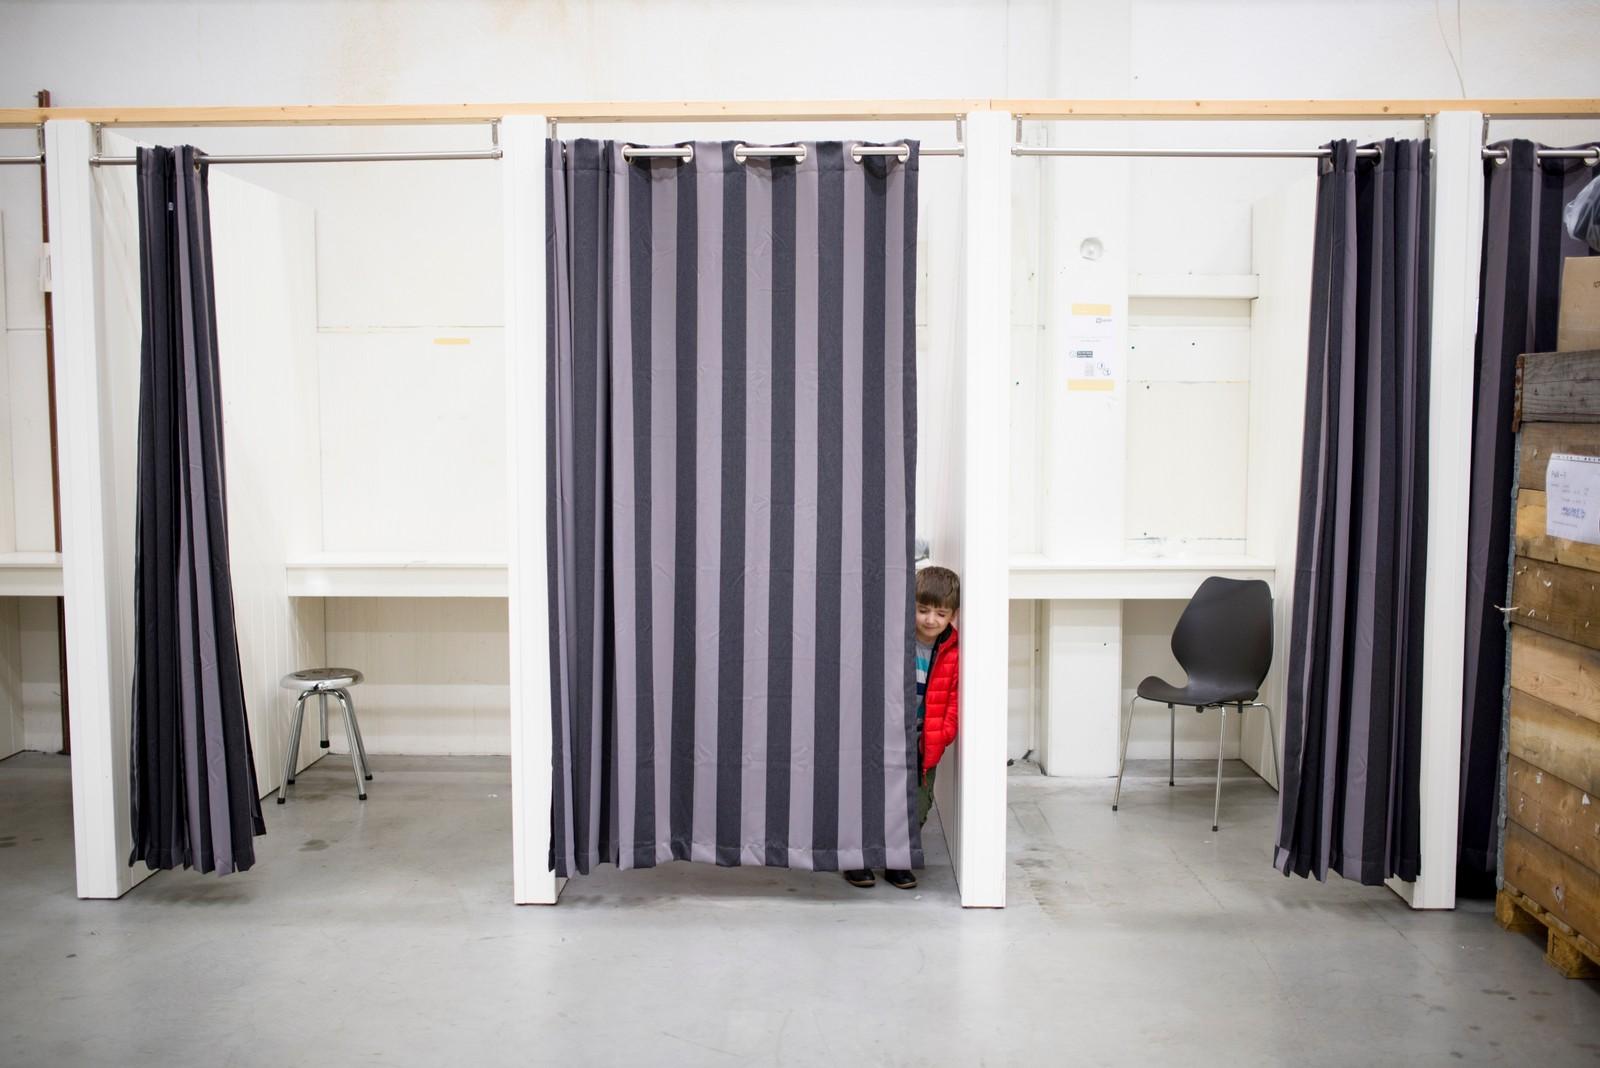 2. plass Nyhetsreportasje Norge: Evelyn Pecori, praksisstudent, Vårt Land.  Fluktkontroll: Fire år gamle Zakaria har reist fra Irak gjennom hele Europa sammen med sin mor. Nå er han endelig i Norge, nærmere bestemt på et asylmottak i Råde.